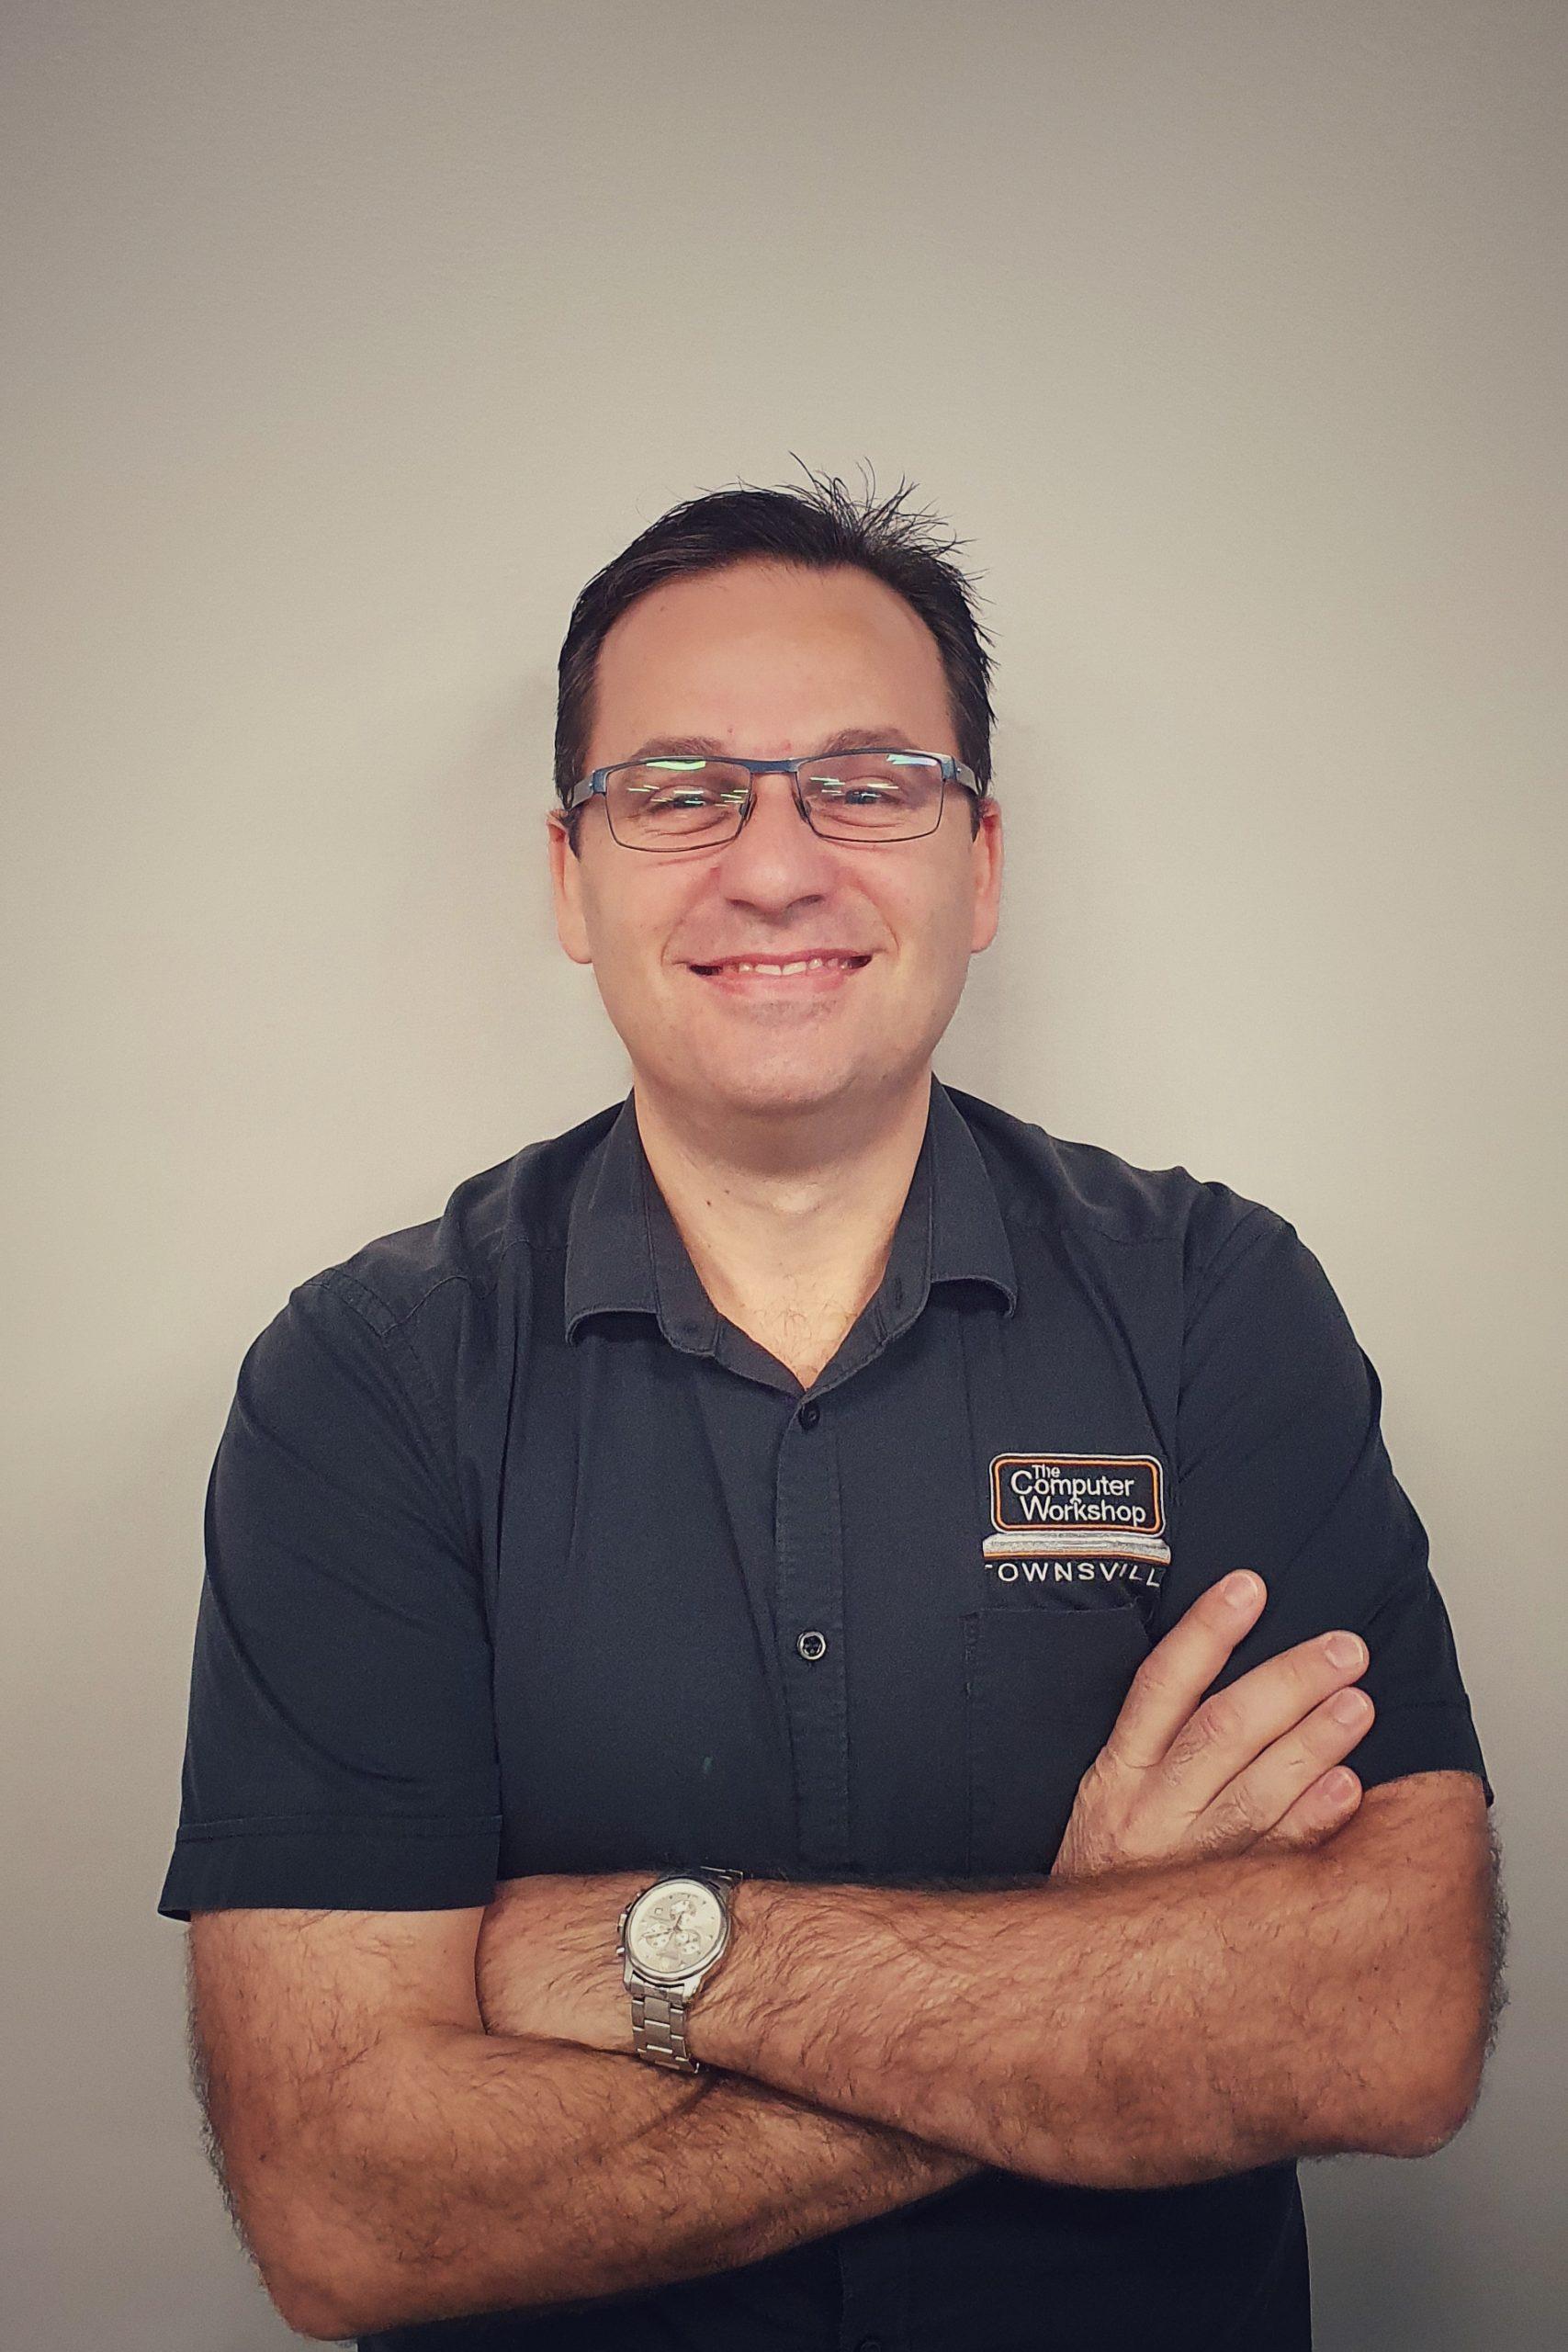 Chris Bugeja - Owner/Director of The Computer Workshop